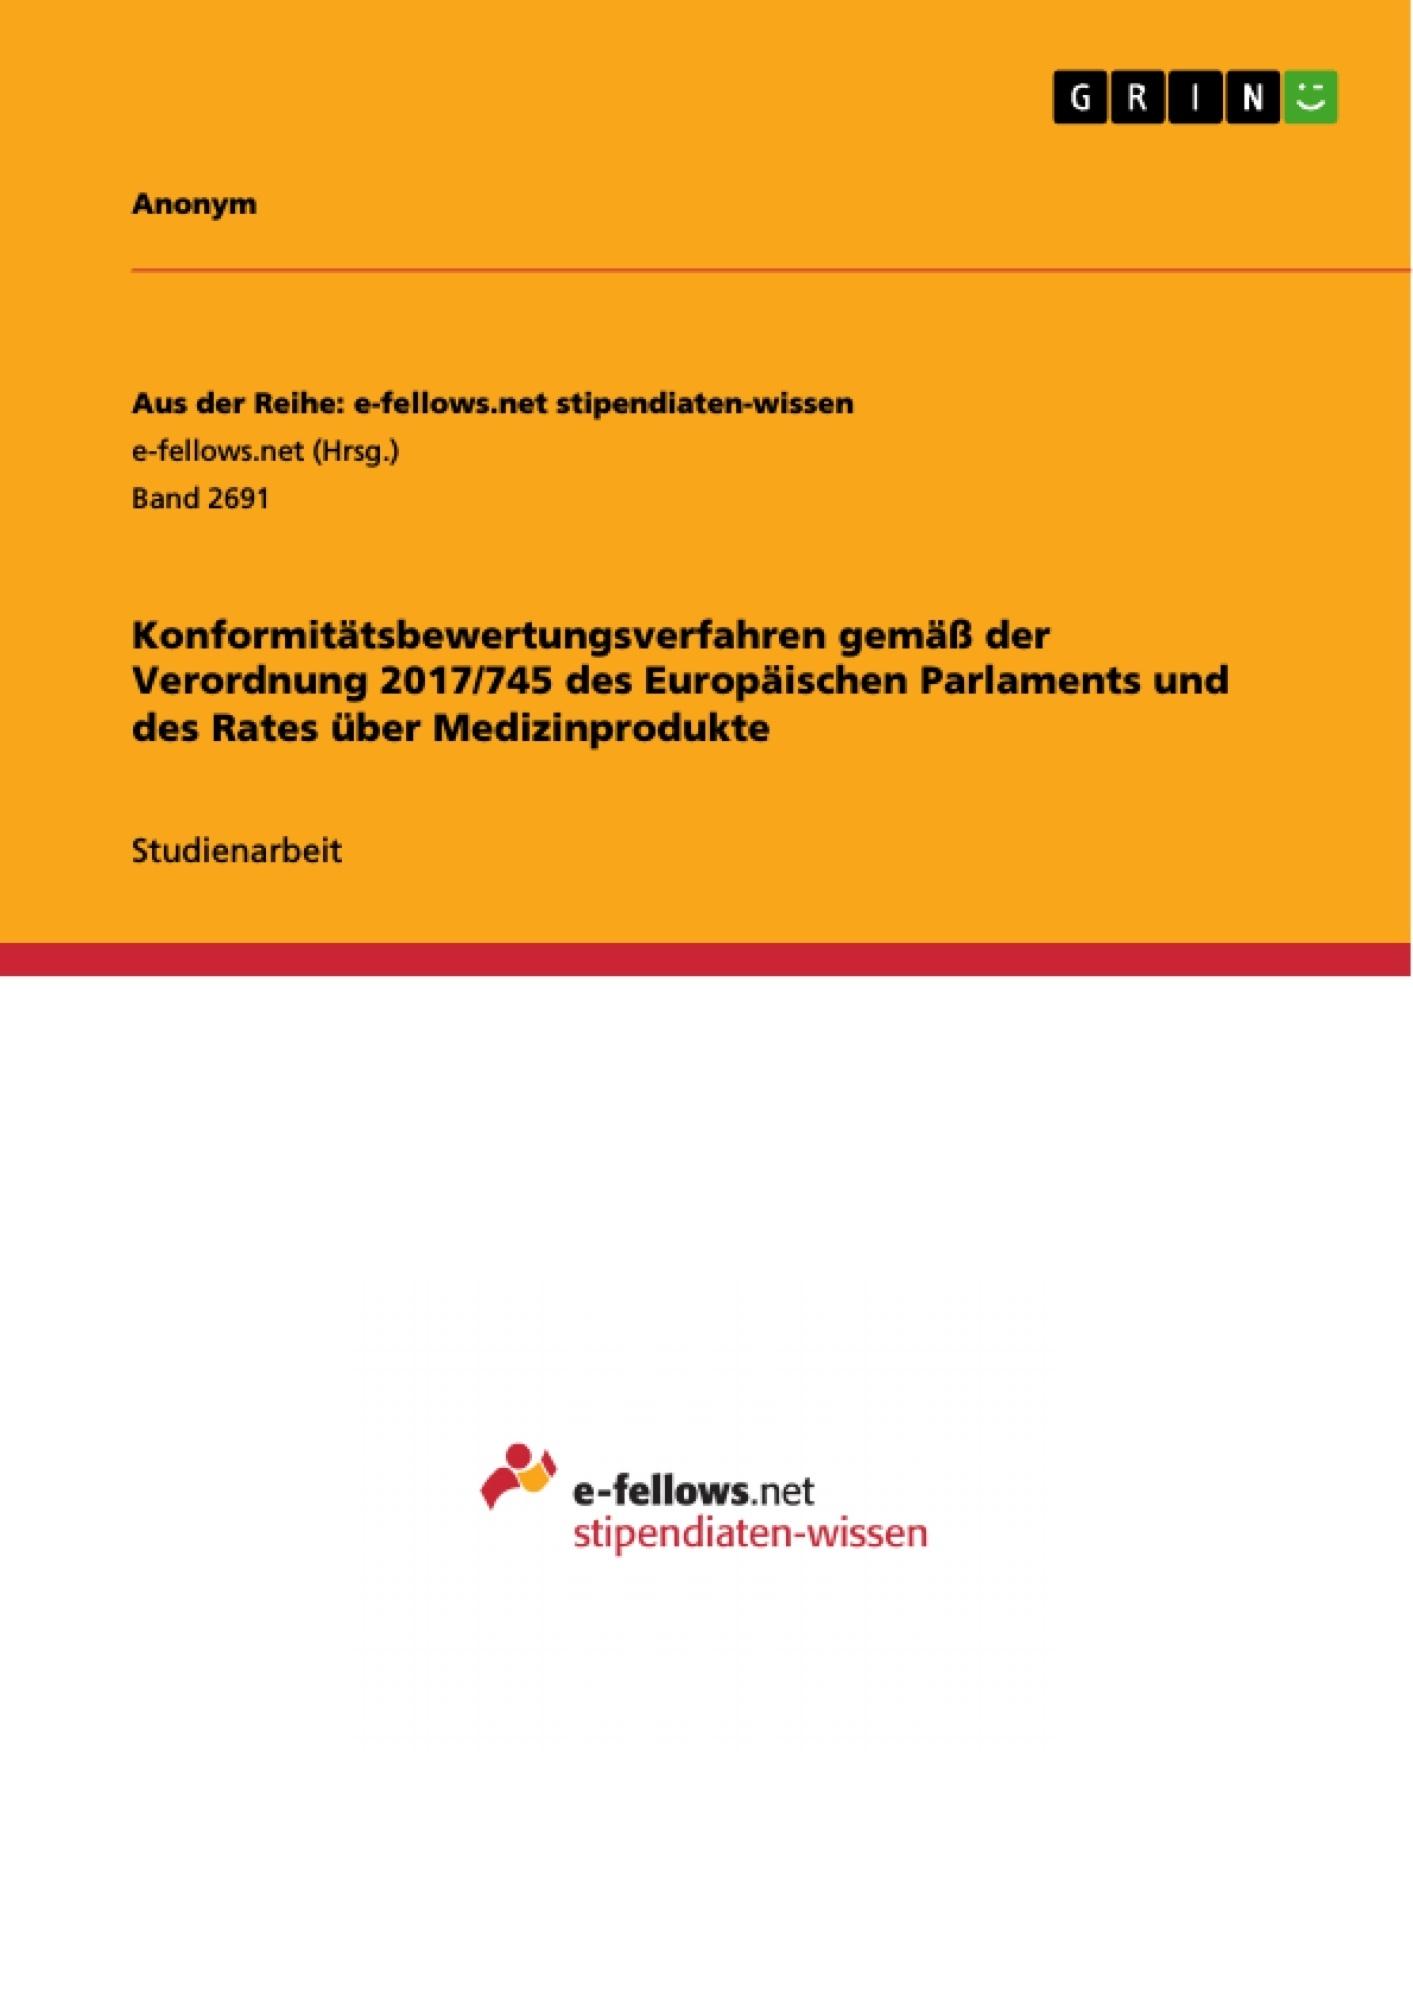 Titel: Konformitätsbewertungsverfahren gemäß der Verordnung 2017/745 des Europäischen Parlaments und des Rates über Medizinprodukte